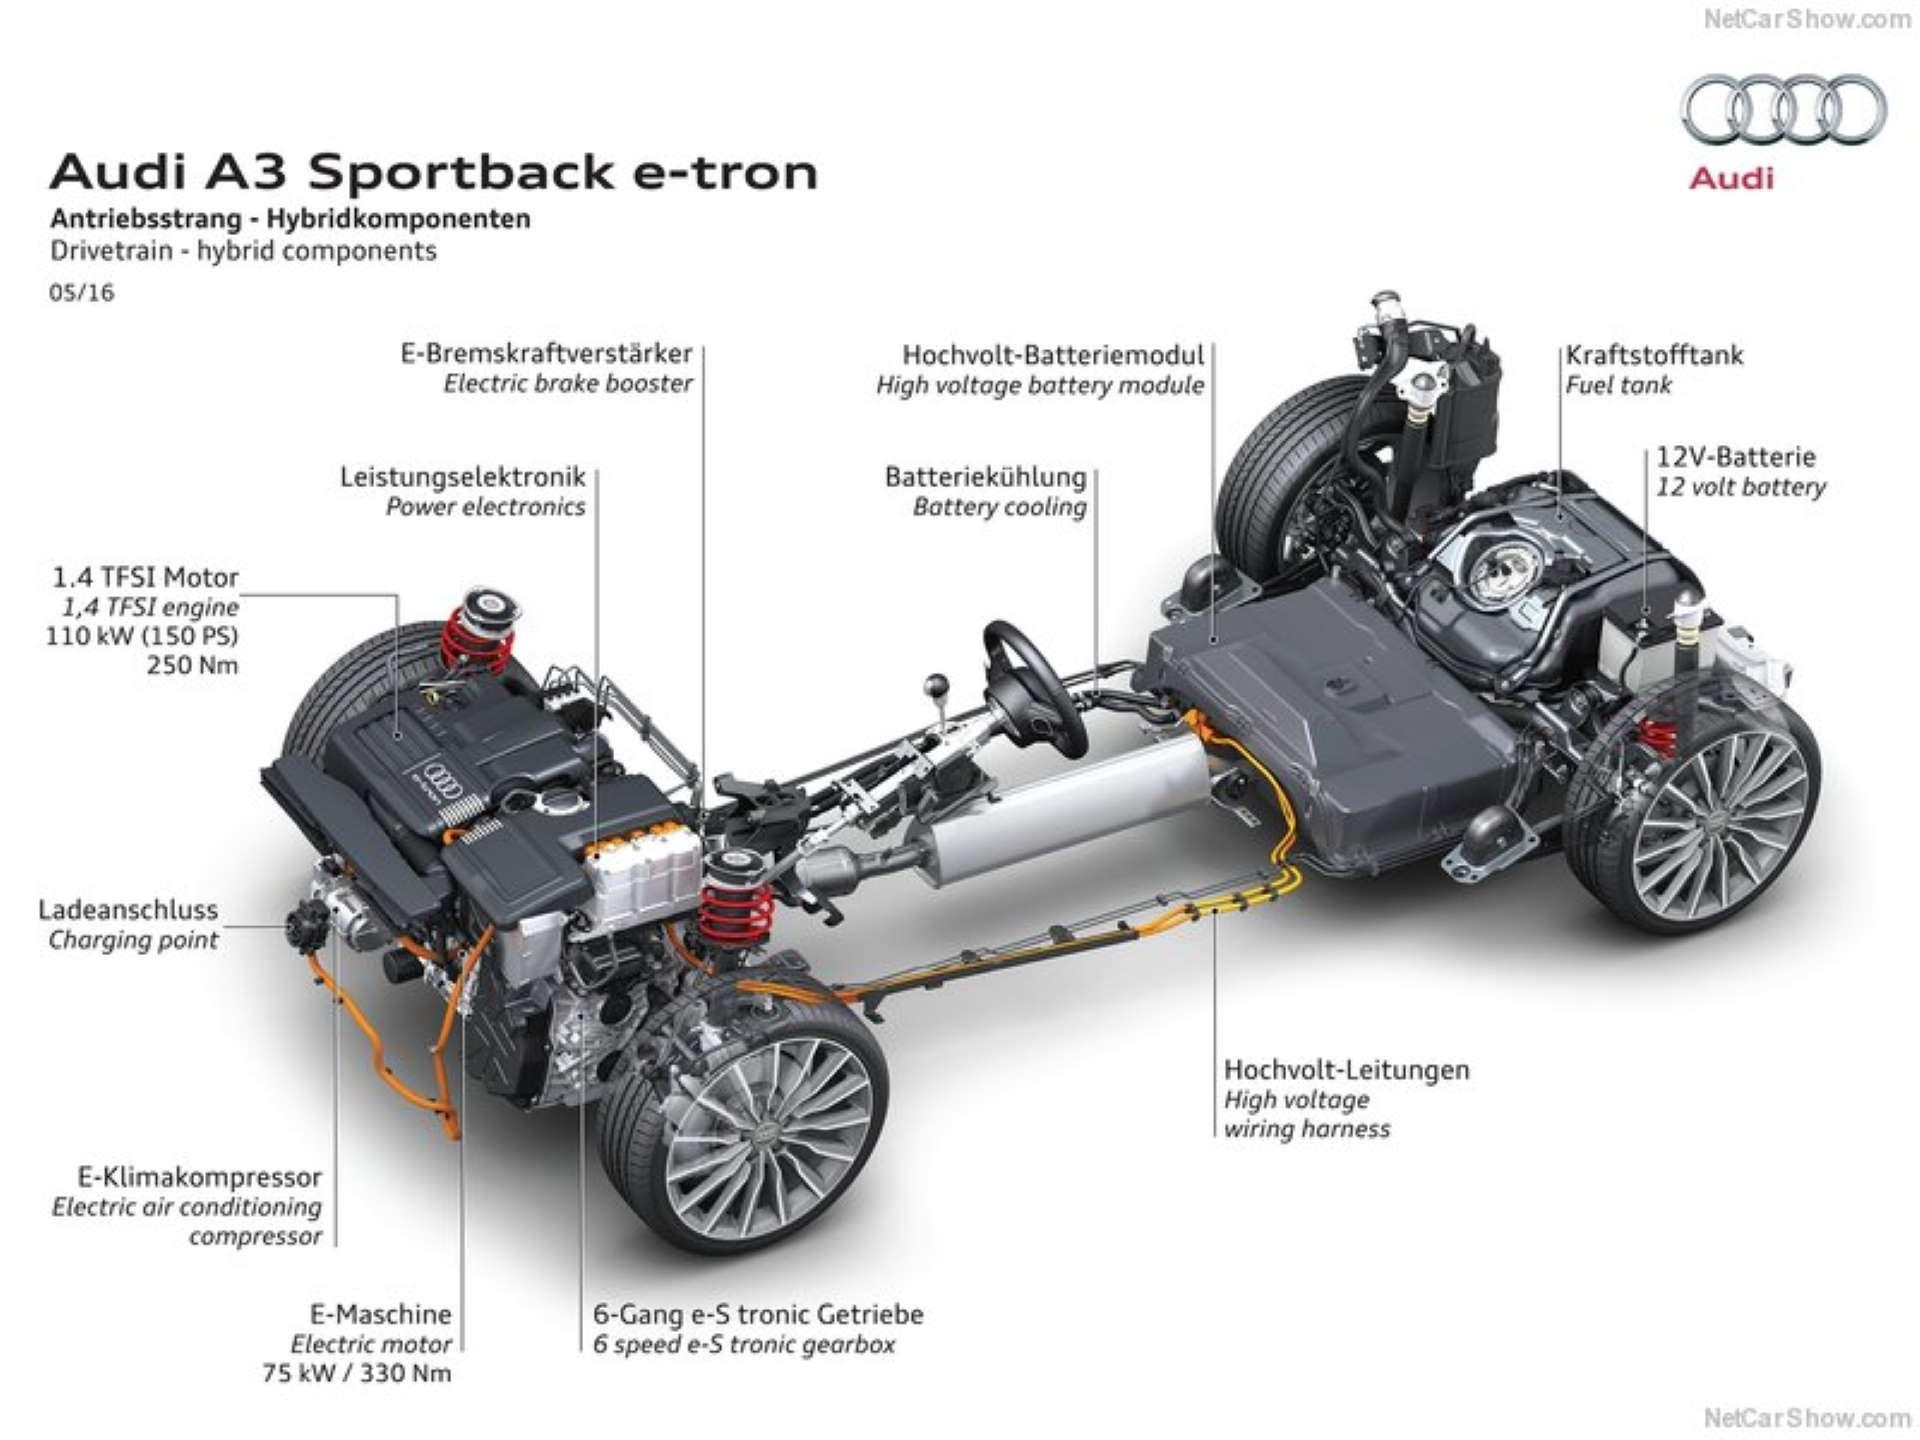 Best FWD Under $25k Audi A3 Sportback e-tron drivetrain diagram